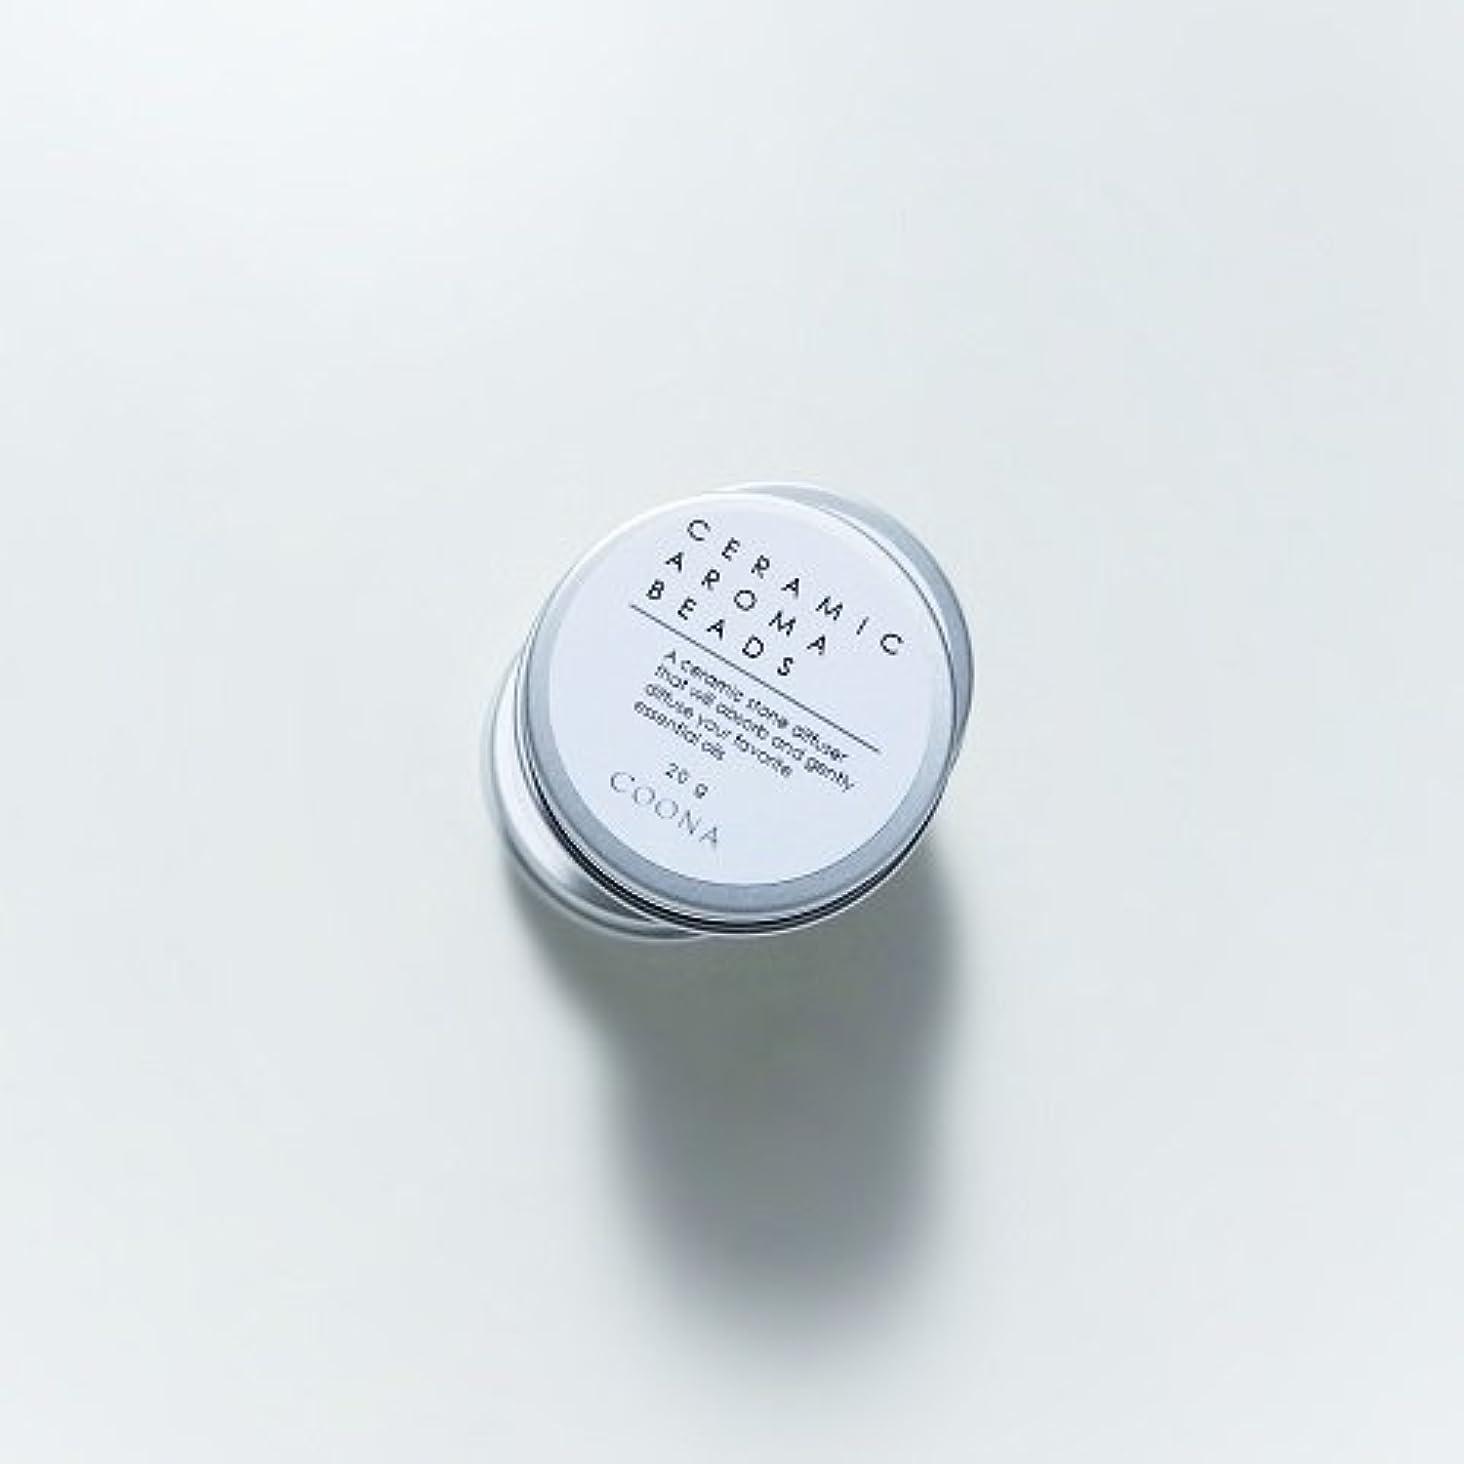 スカイローブ選出するセラミックアロマビーズ(缶入り アロマストーン エコディフューザー)20g×1個